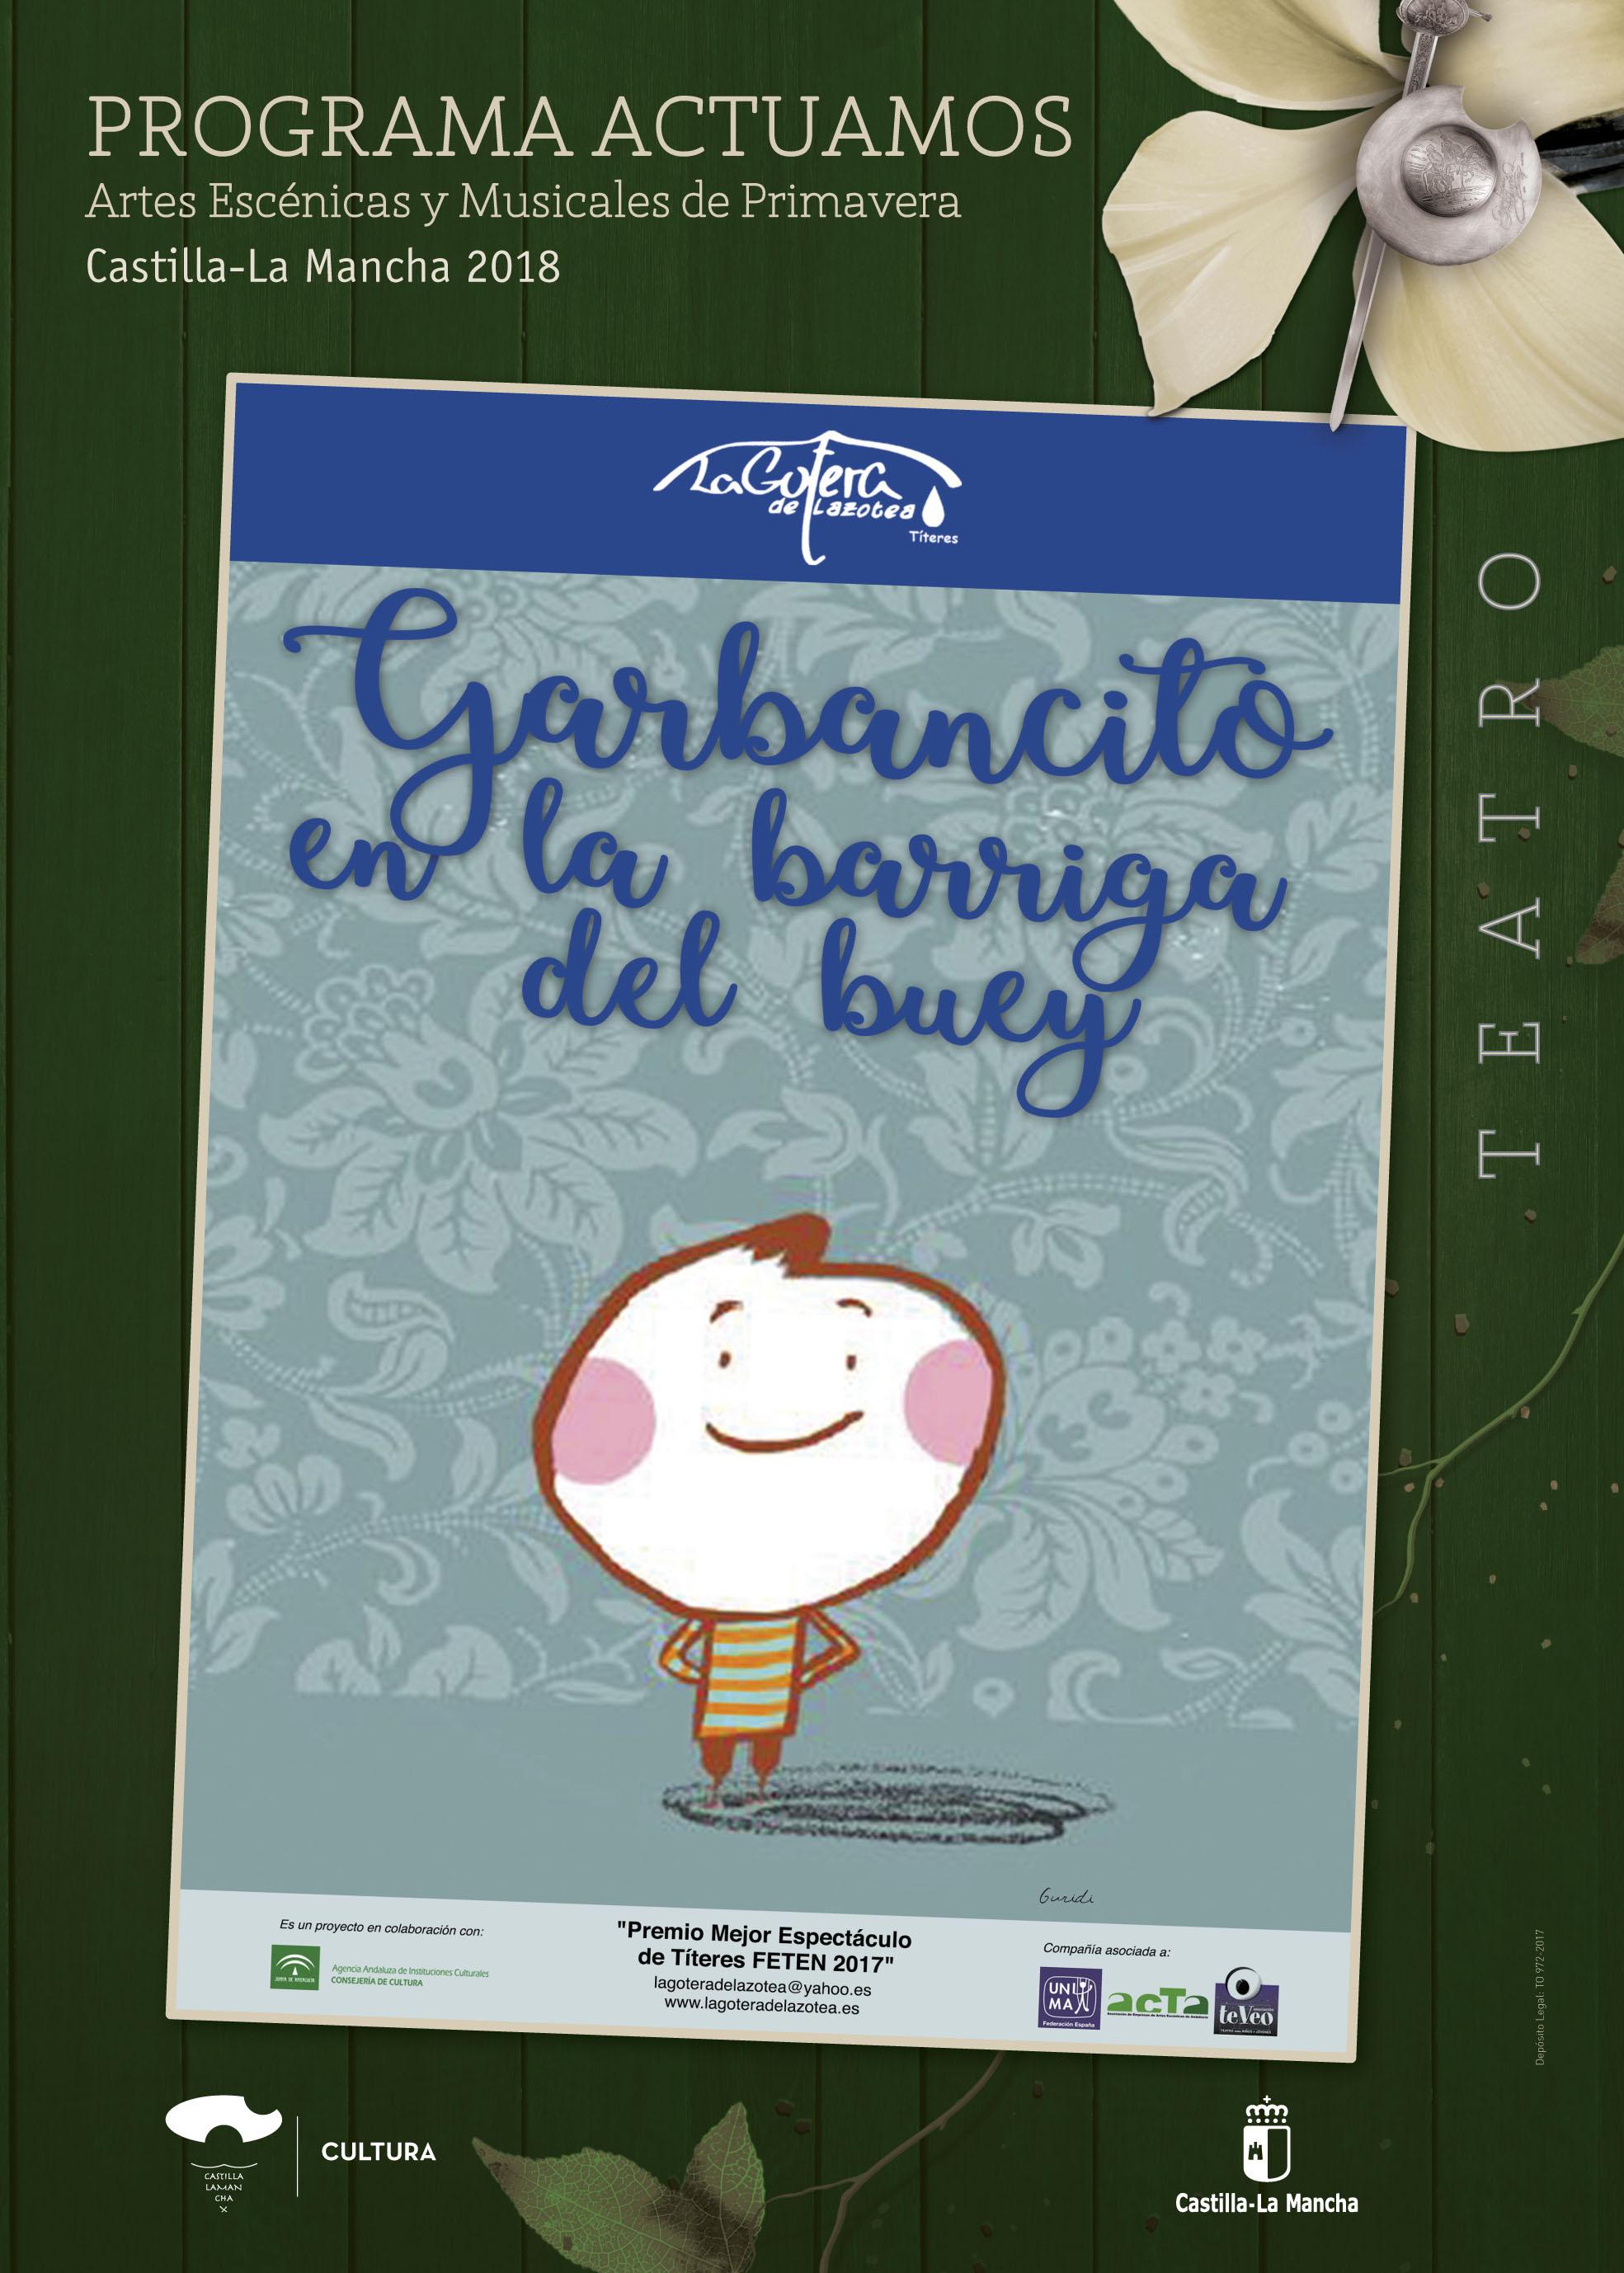 Imagen de la actividad GARBANCITO EN LA BARRIGA DEL BUEY (La Gotera de Lazotea)